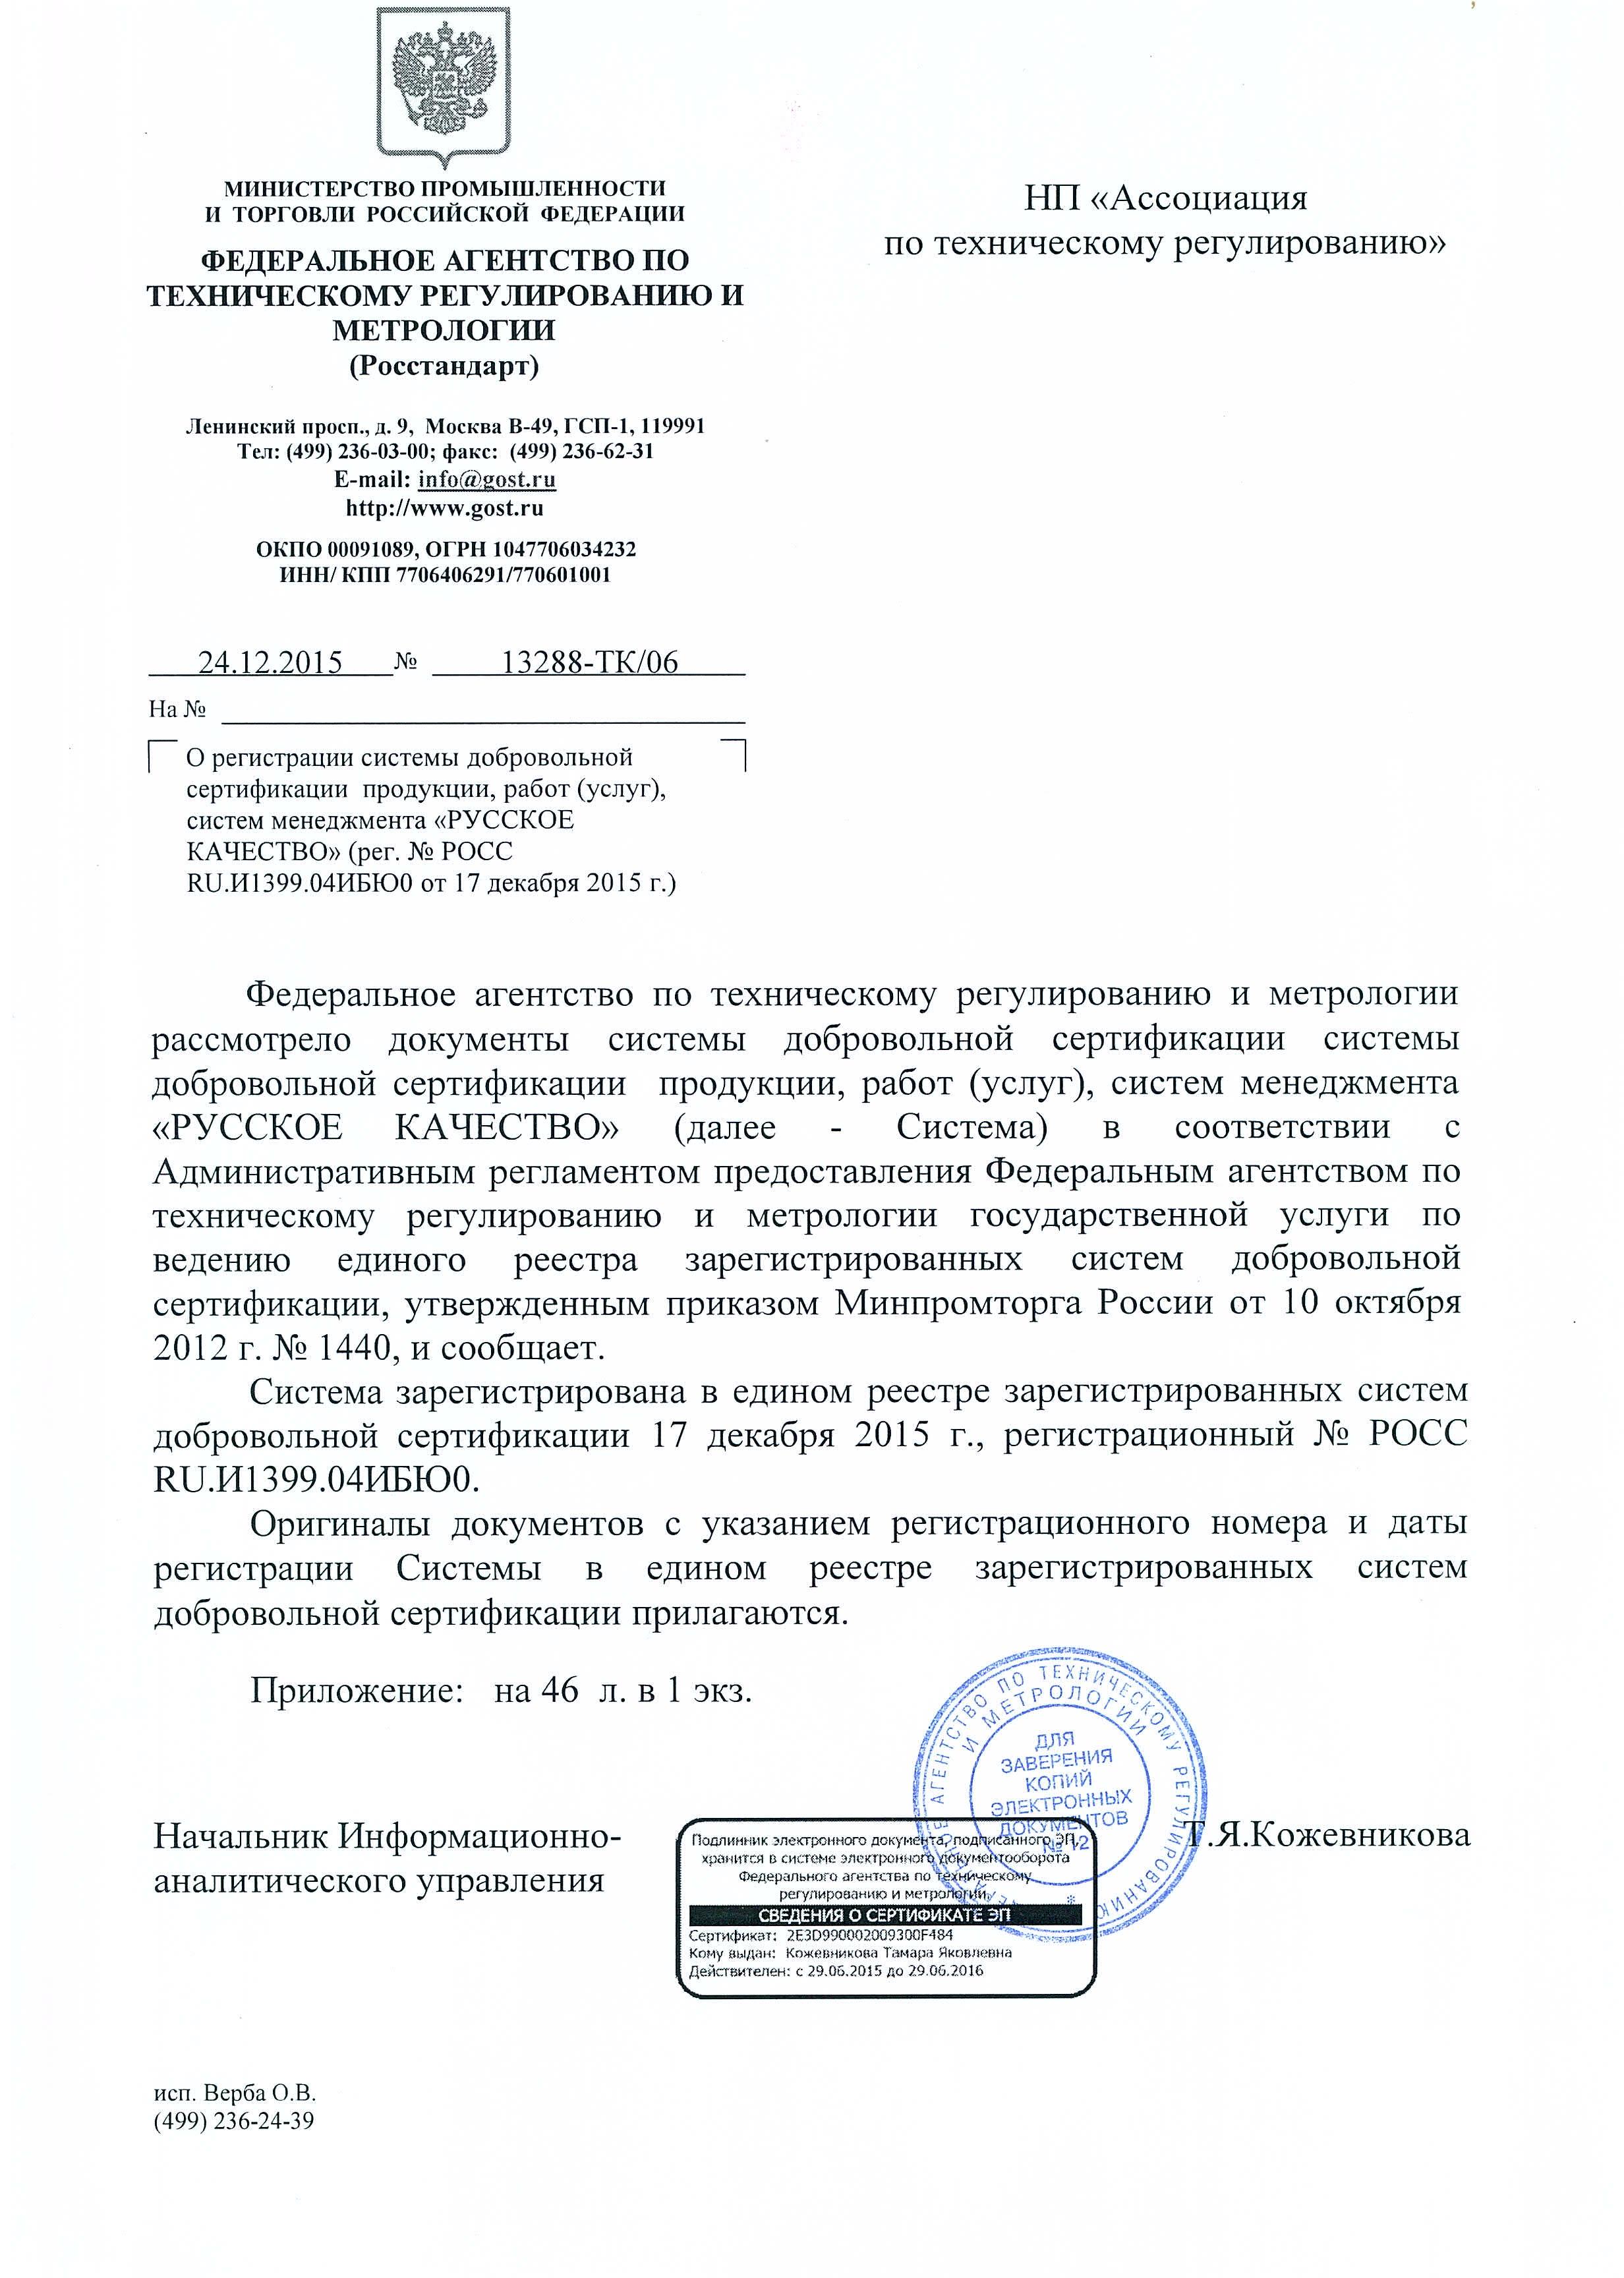 Письмо Росстандарта о регистрации